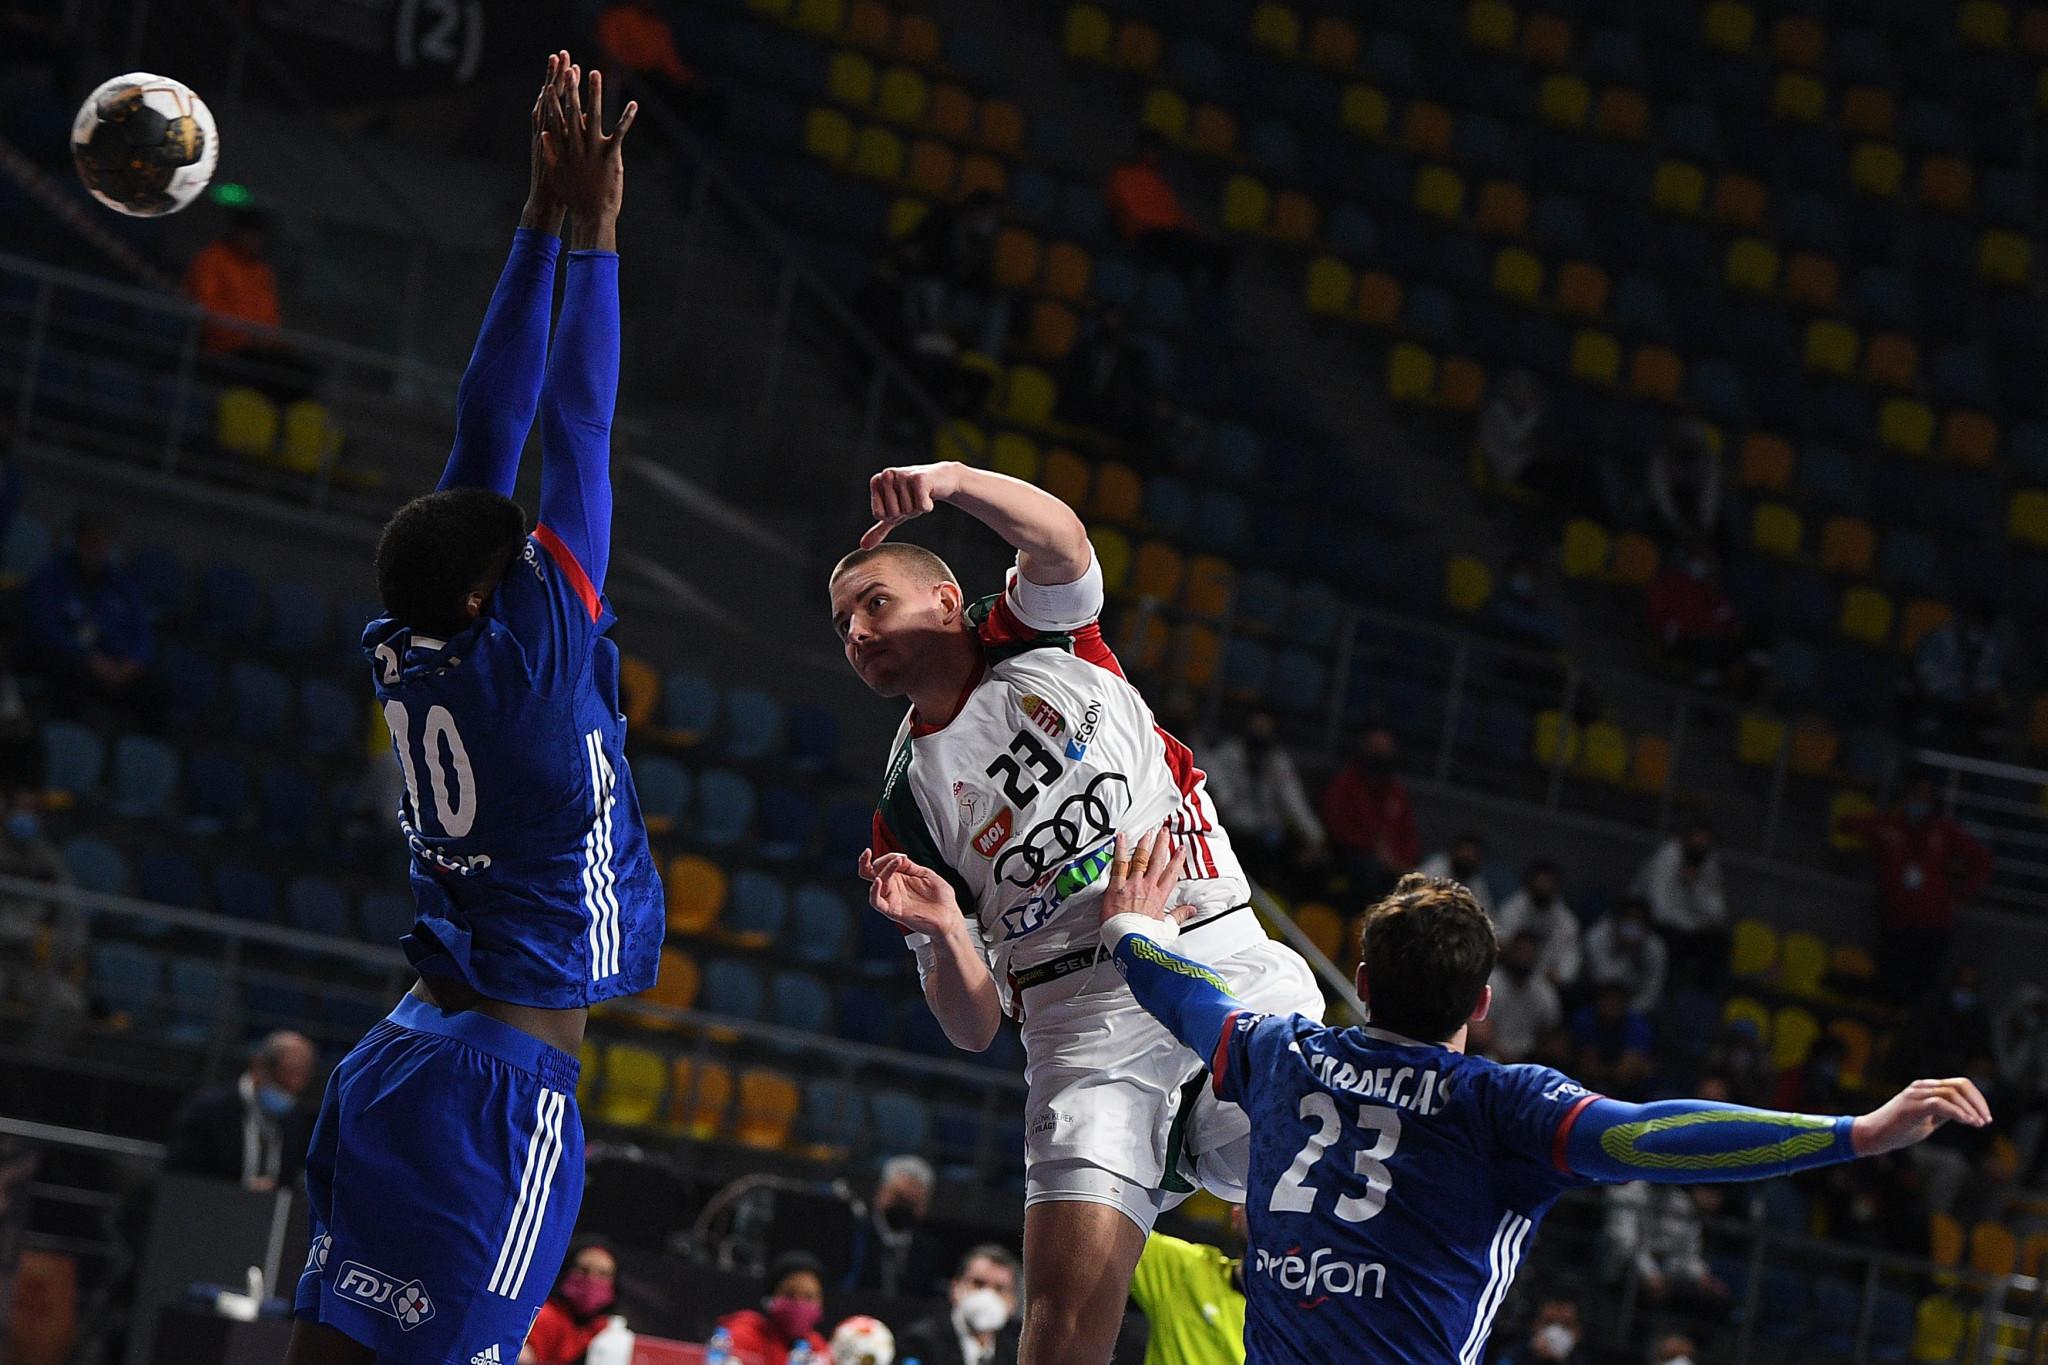 فازت فرنسا (التي تلعب باللون الأزرق) على المجر لتضمن مكانها في آخر أربع مباريات في بطولة العالم لكرة اليد للرجال في مصر © Getty Images